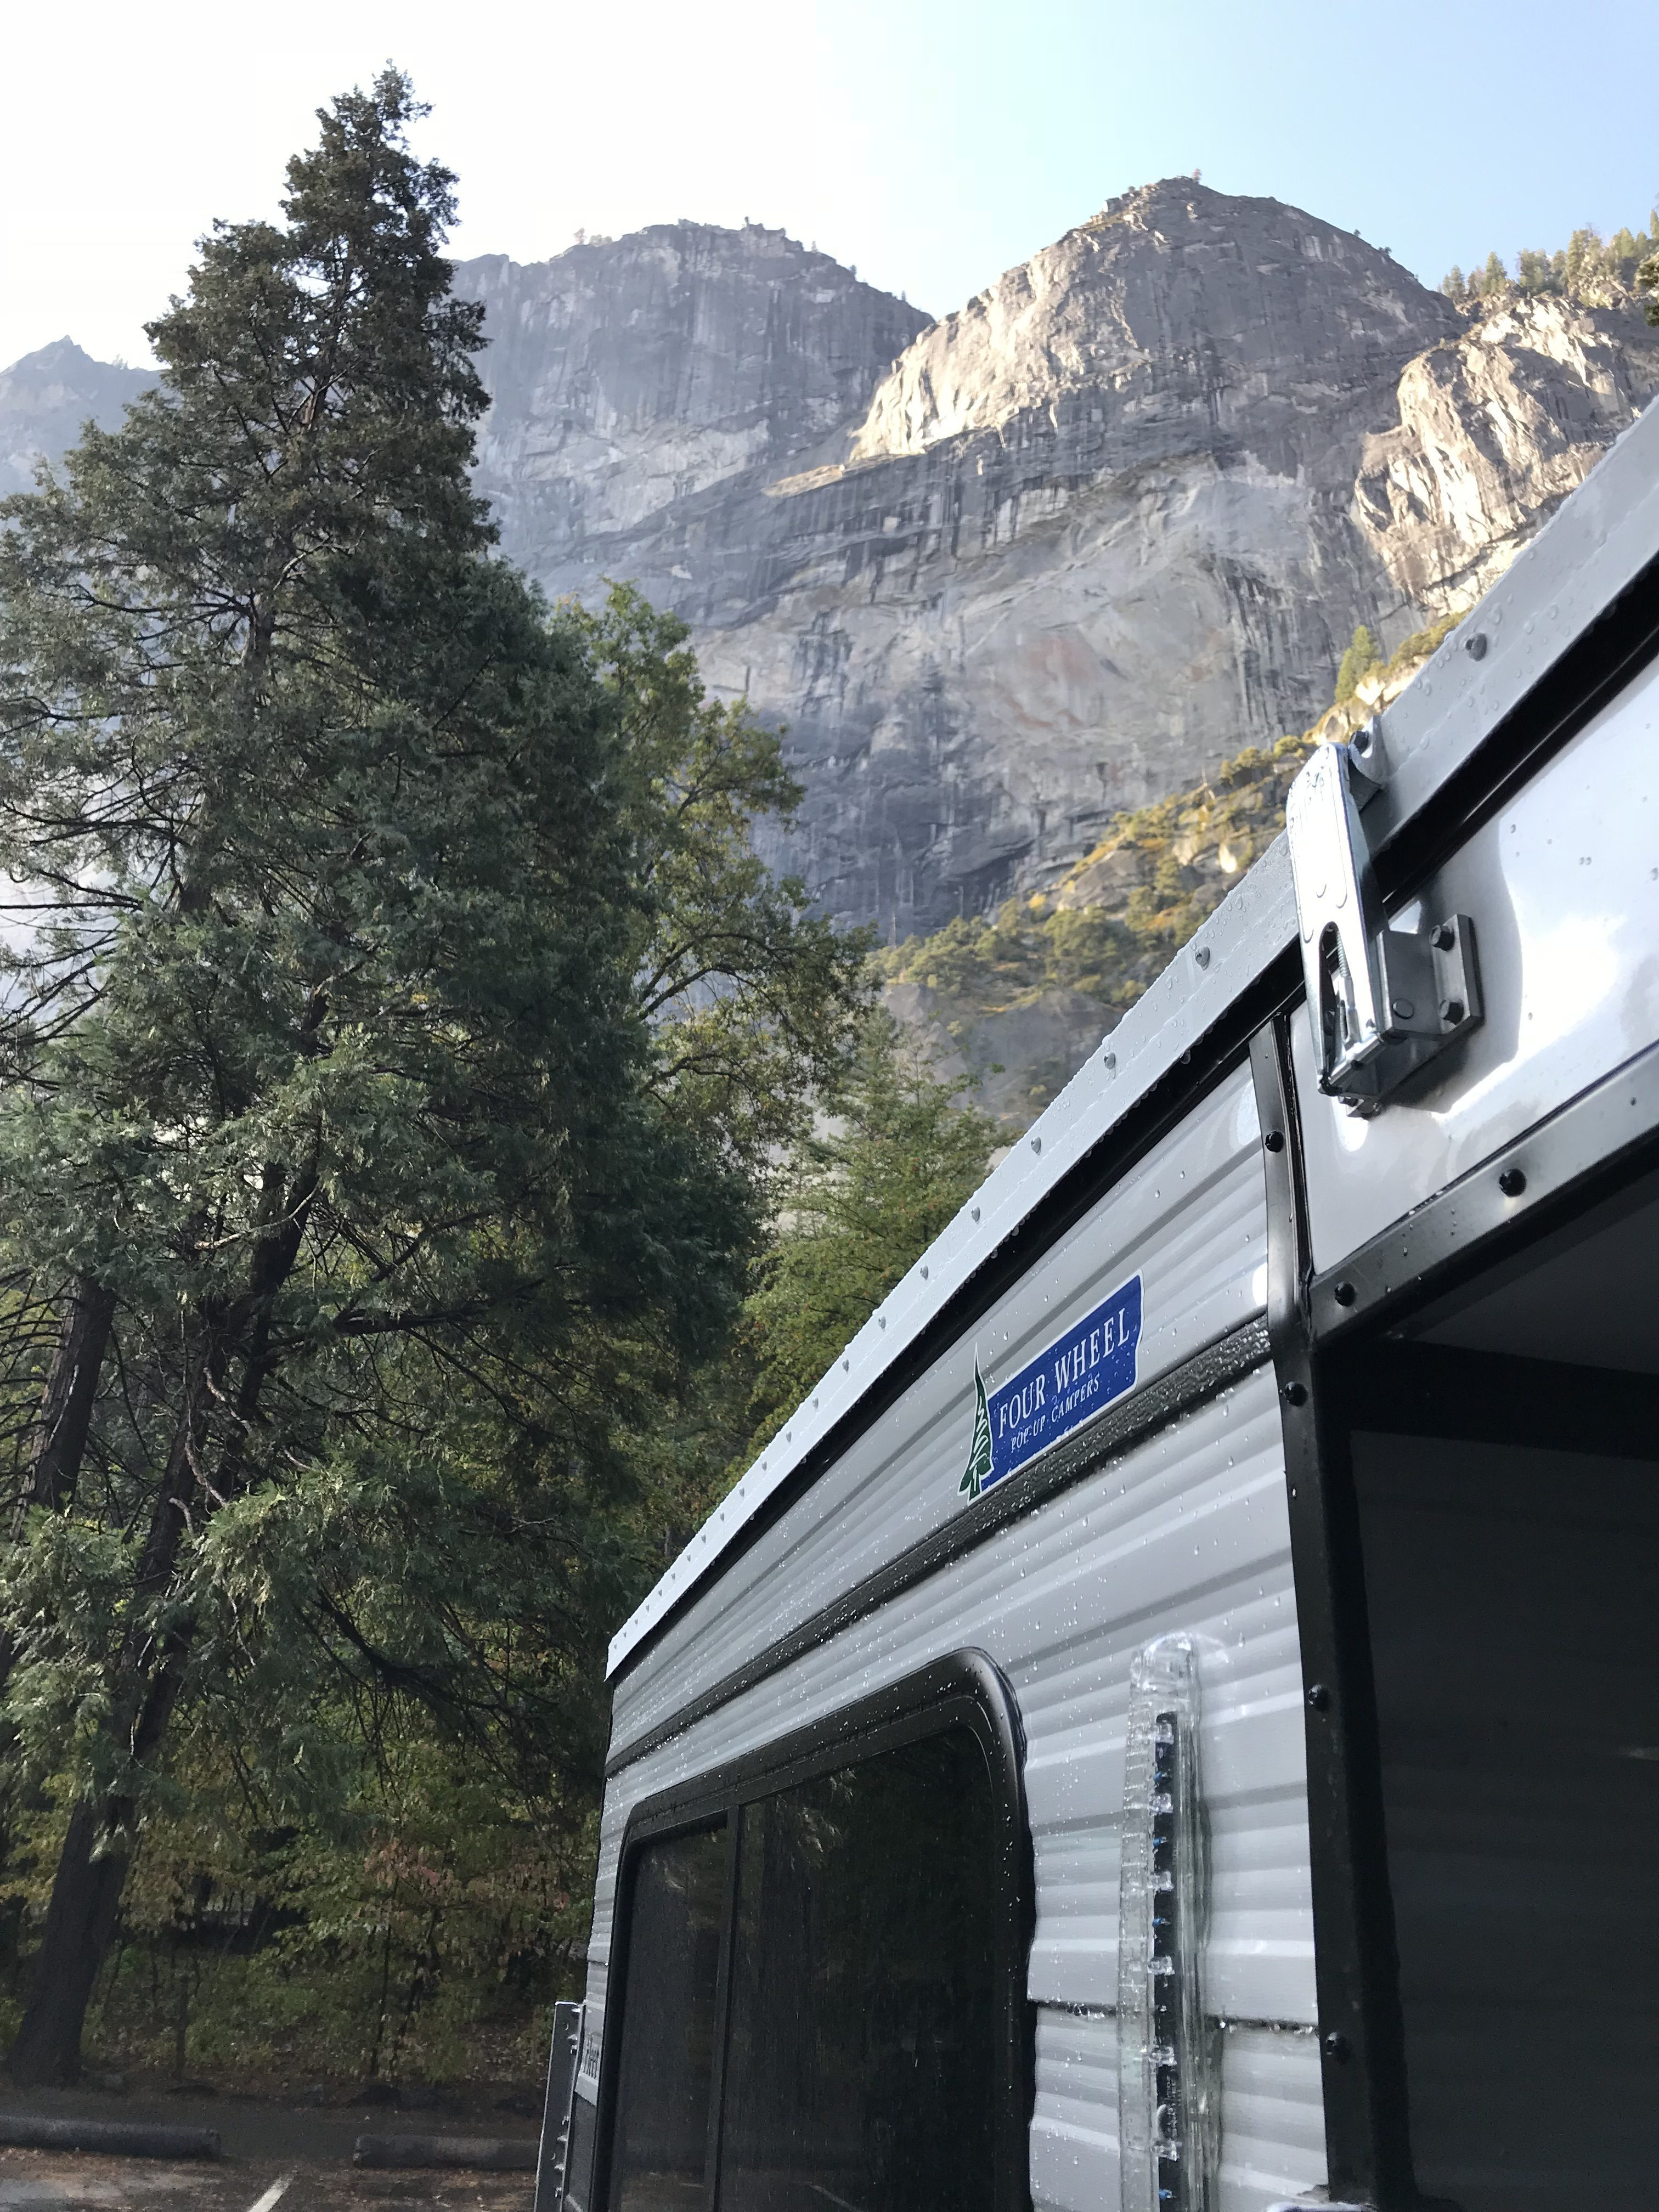 Toyota Tacoma Camper Four Wheel Camper pod by Half Dome in Yosemite